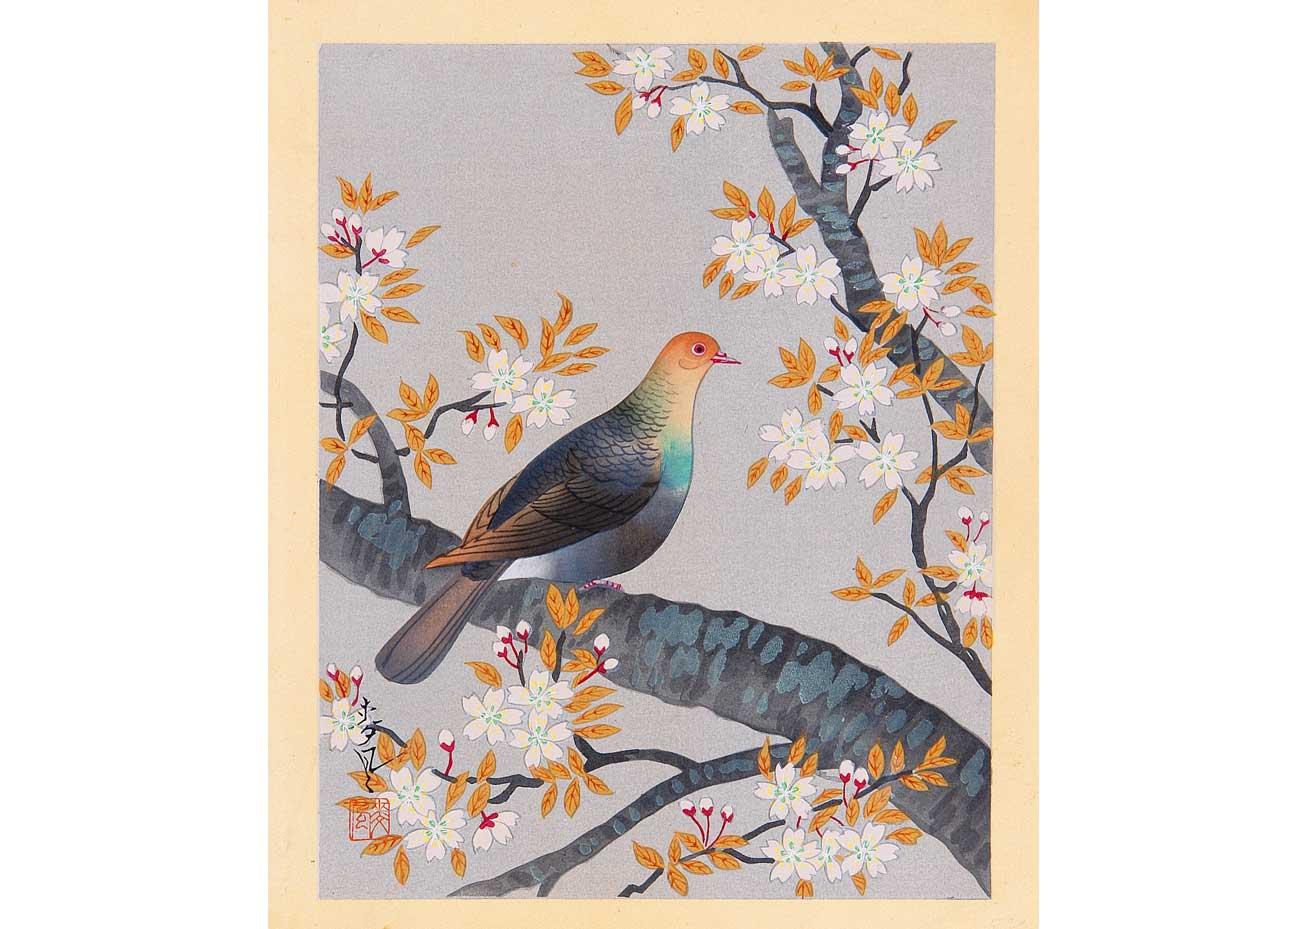 © Bakufu Ono, Turtle Dove and Cherry, 1950